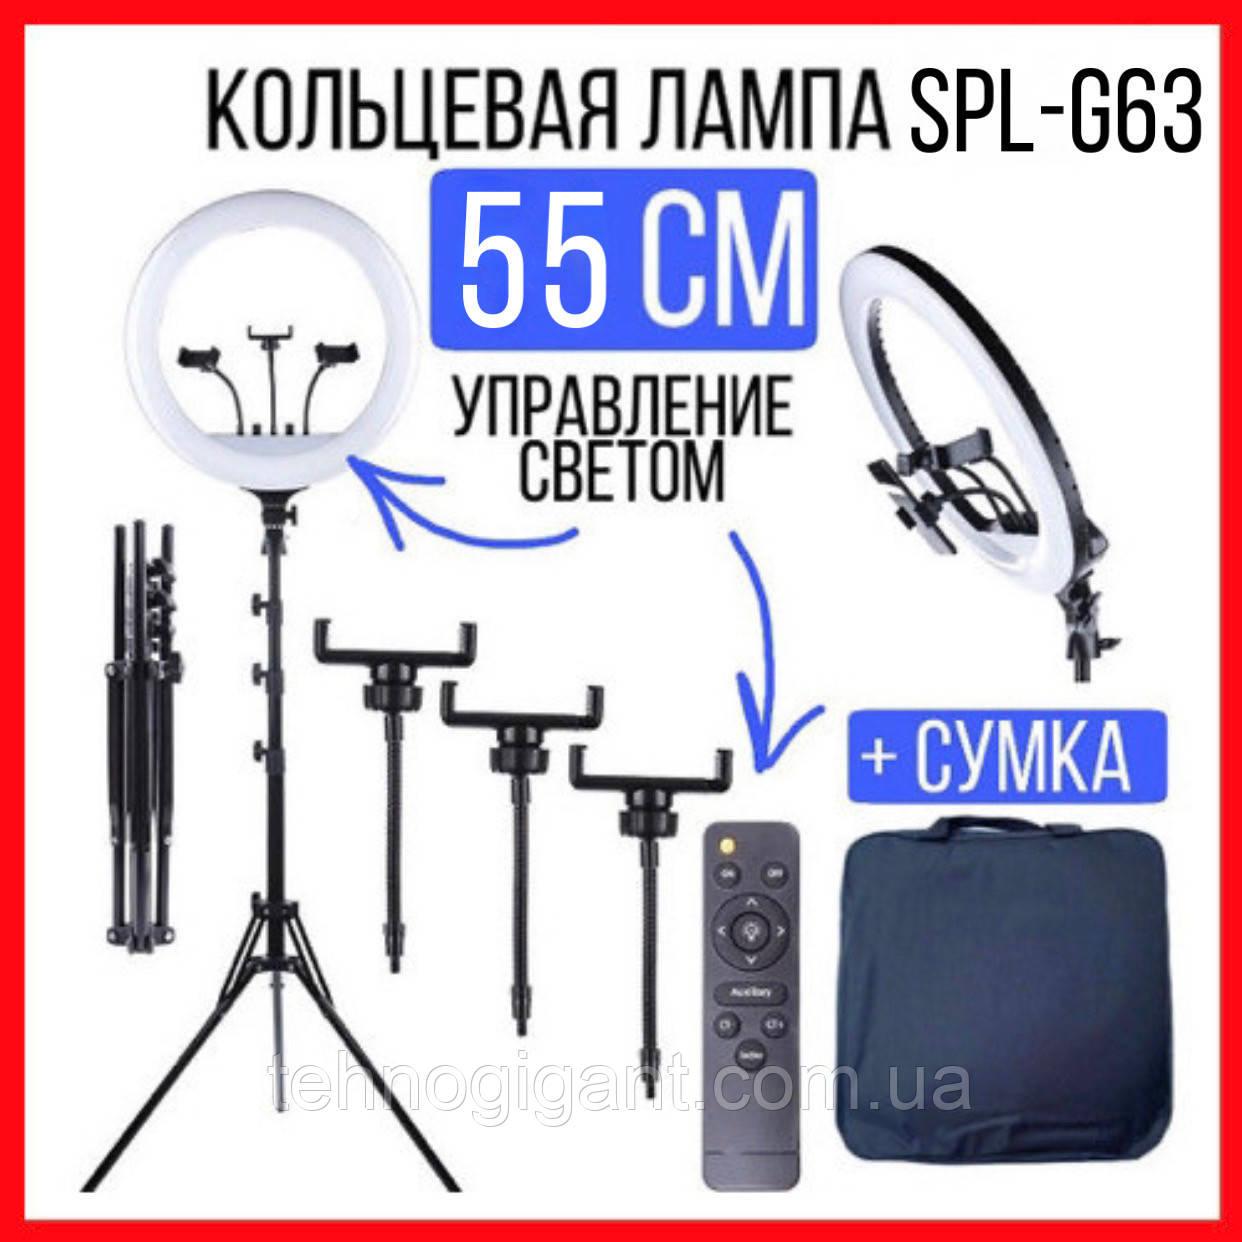 Кольцевая LED лампа светодиодная SLP-G63 диаметр 55см с креплением для трёх телефонов 220В + пульт + штатив